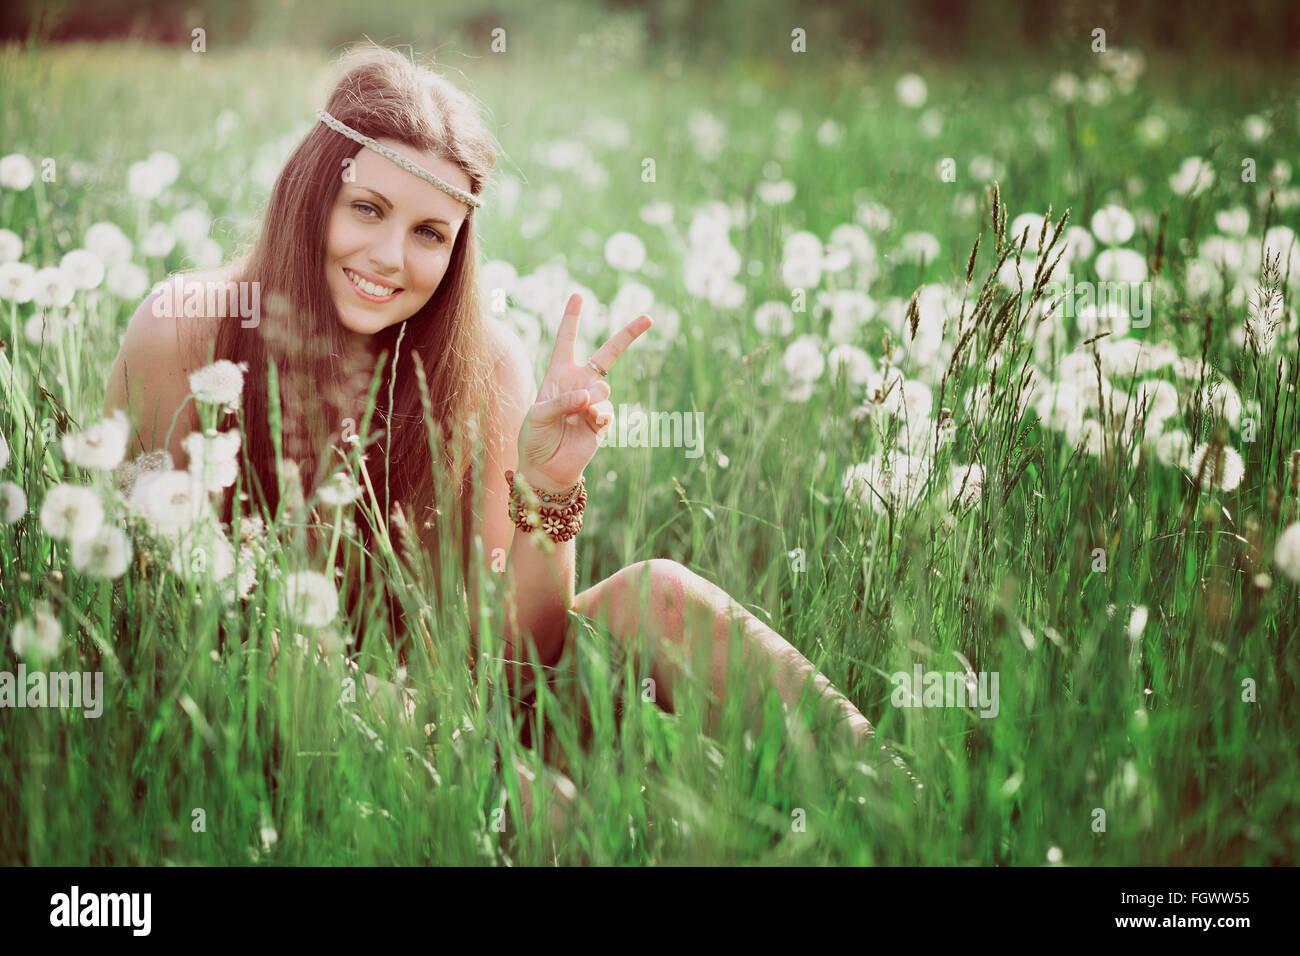 Peace-Zeichen aus lächelnden freie Hippie. Natur und Harmonie Stockbild